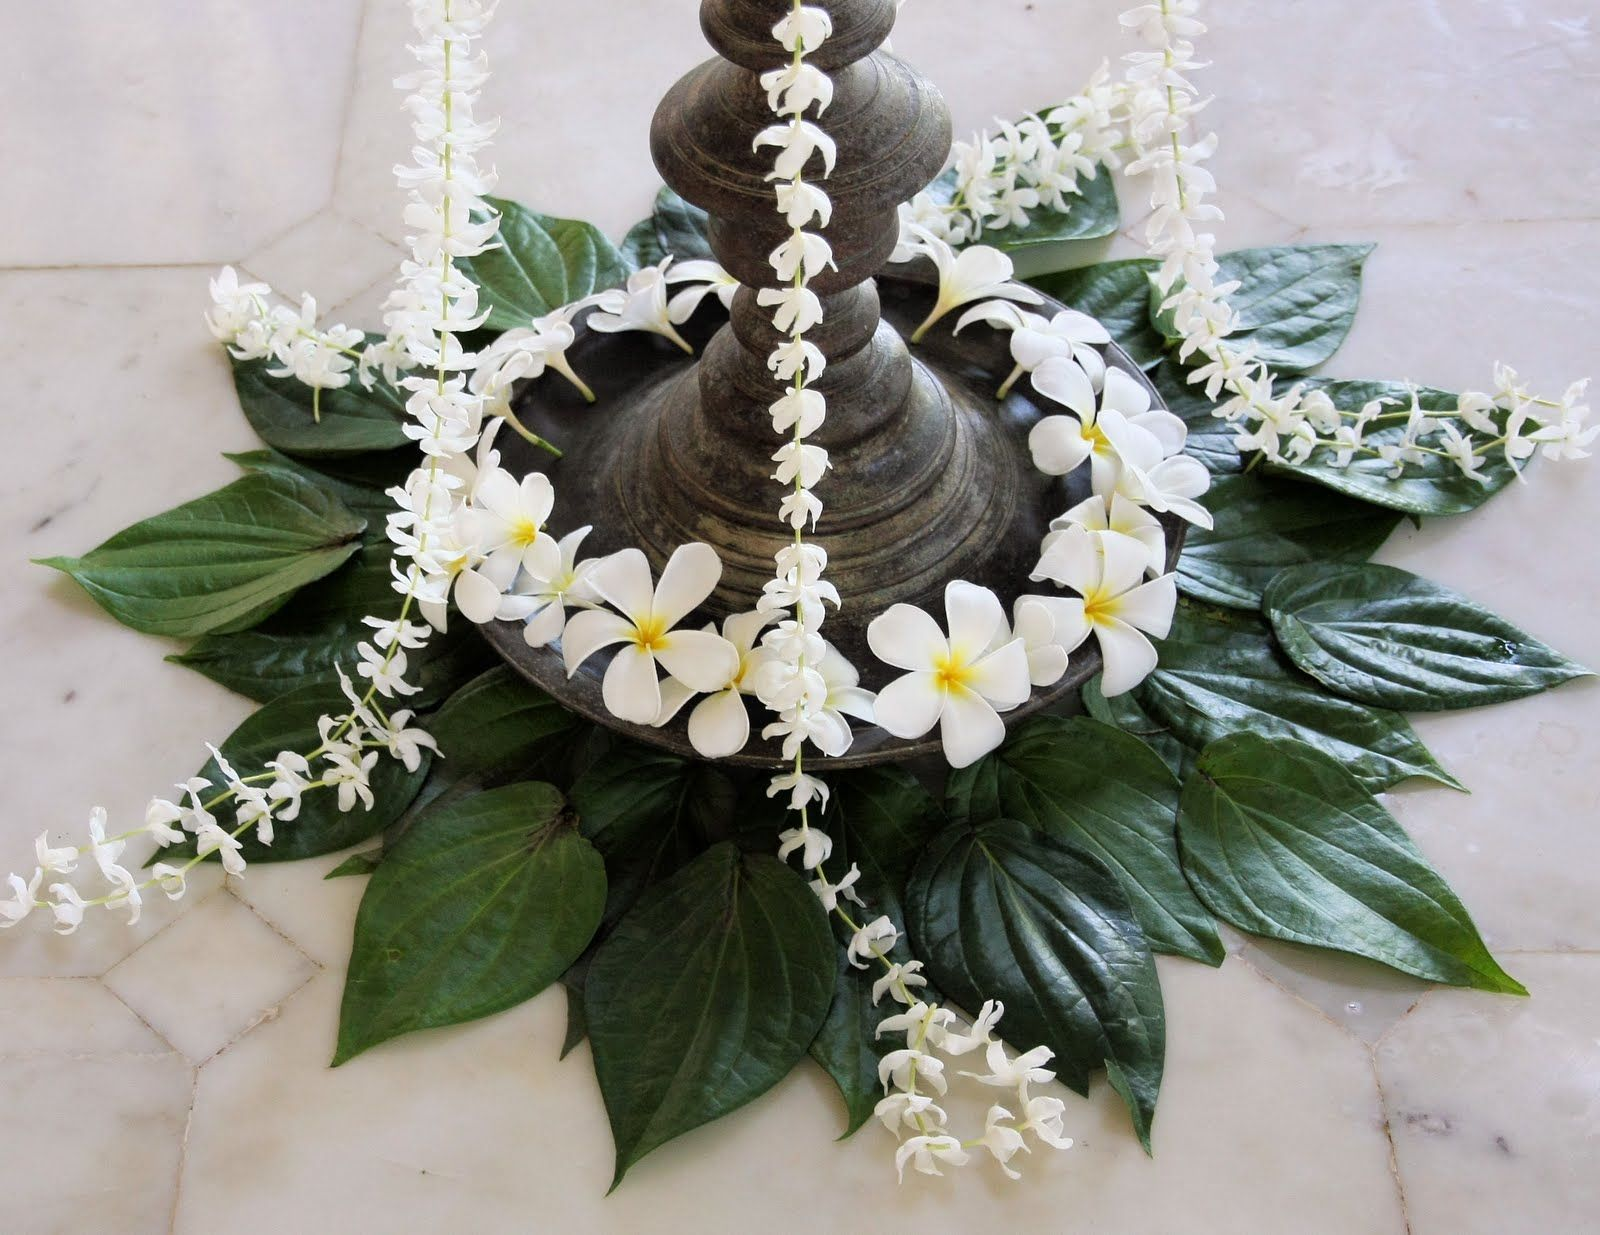 Oil lamp | Art | Pinterest | Oil lamps, Wedding and Flower decoration for oil lamp flower decorations  186ref